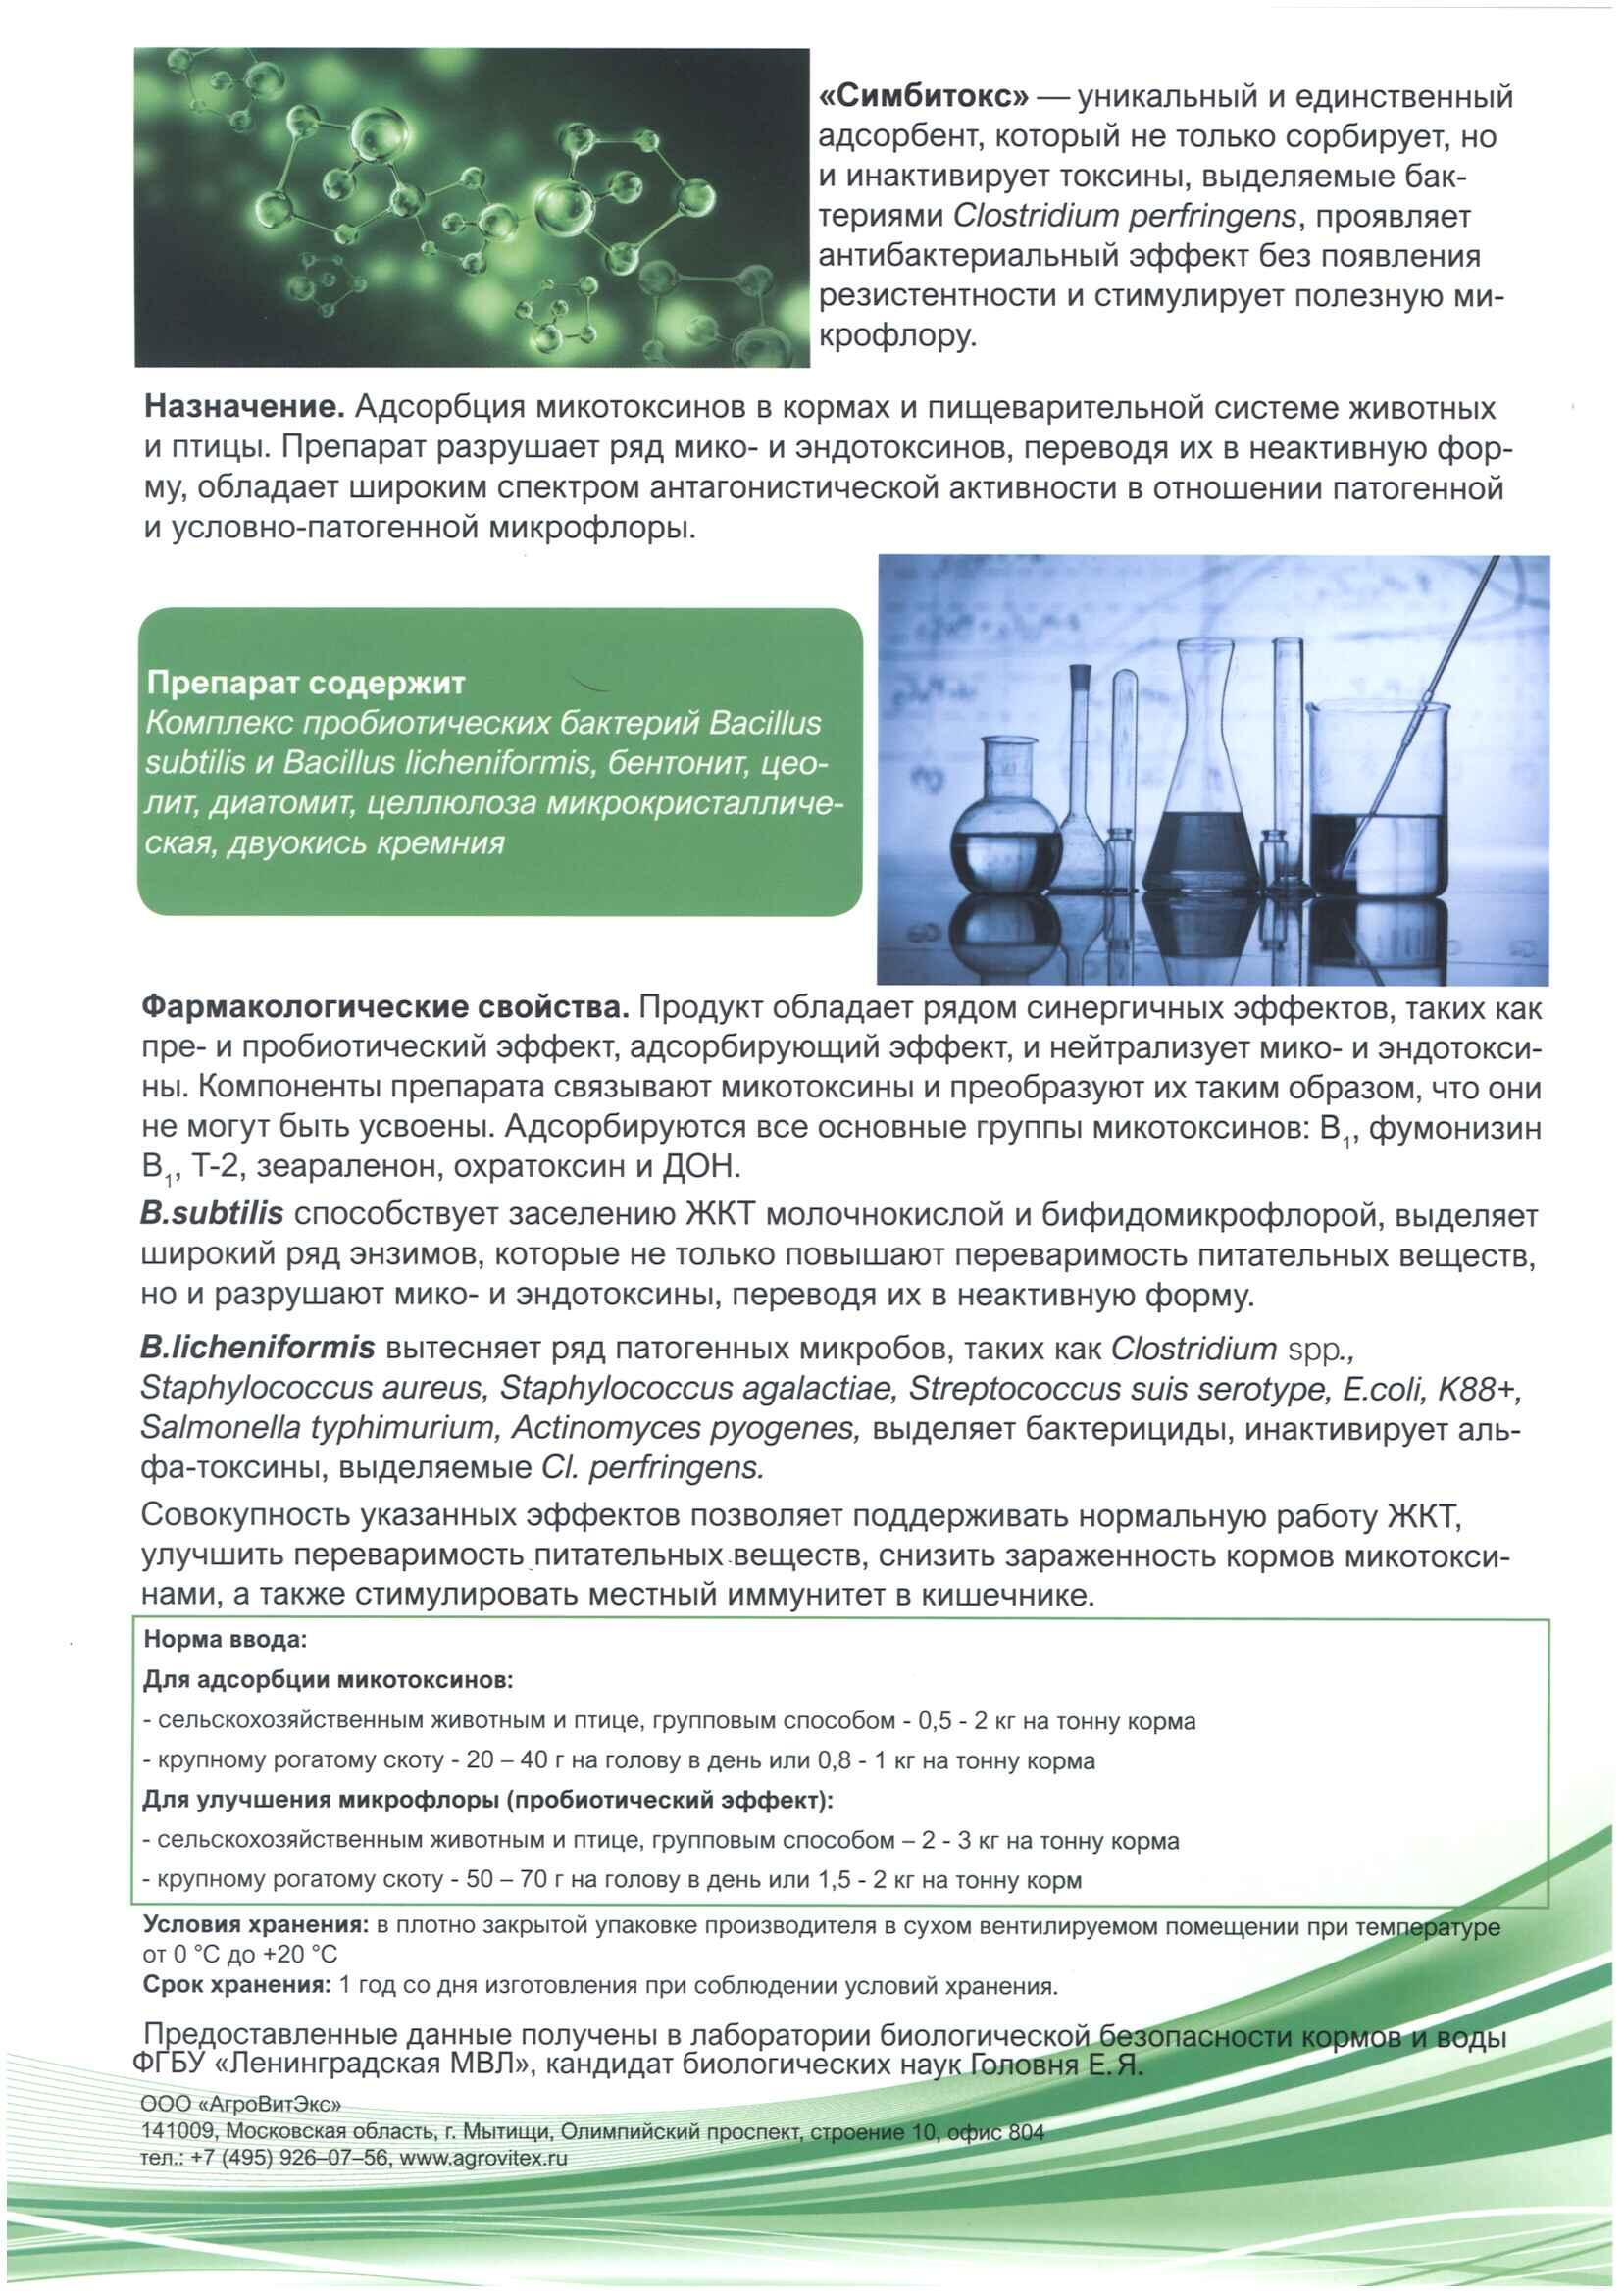 Симбитокс - комплексный сорбент микотоксинов